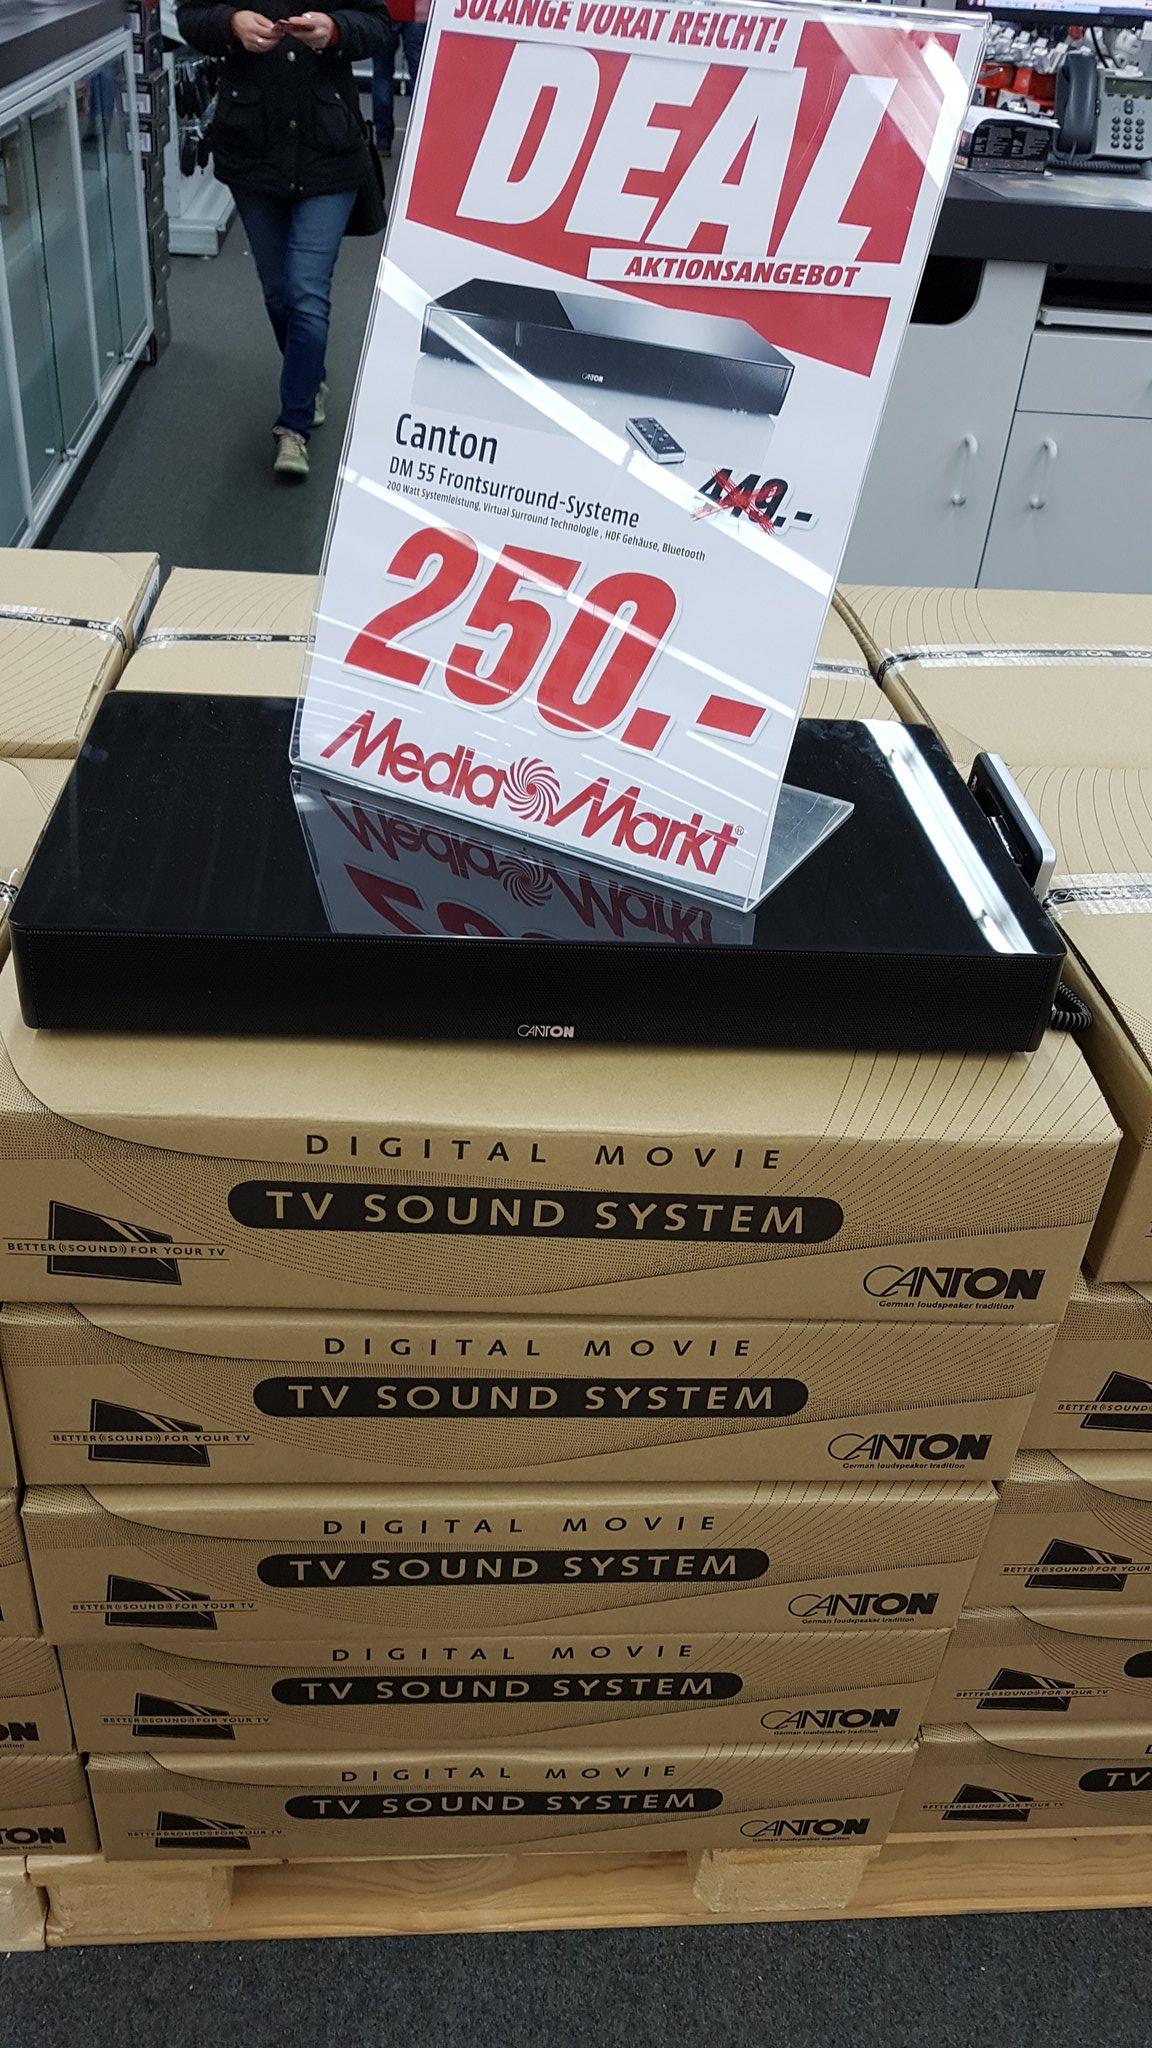 [Mediamarkt Porta-Bundesweit Kostenloser Versand] Canton Lautsprecher 55 Surround System 2.1 schwarz für 250,-€